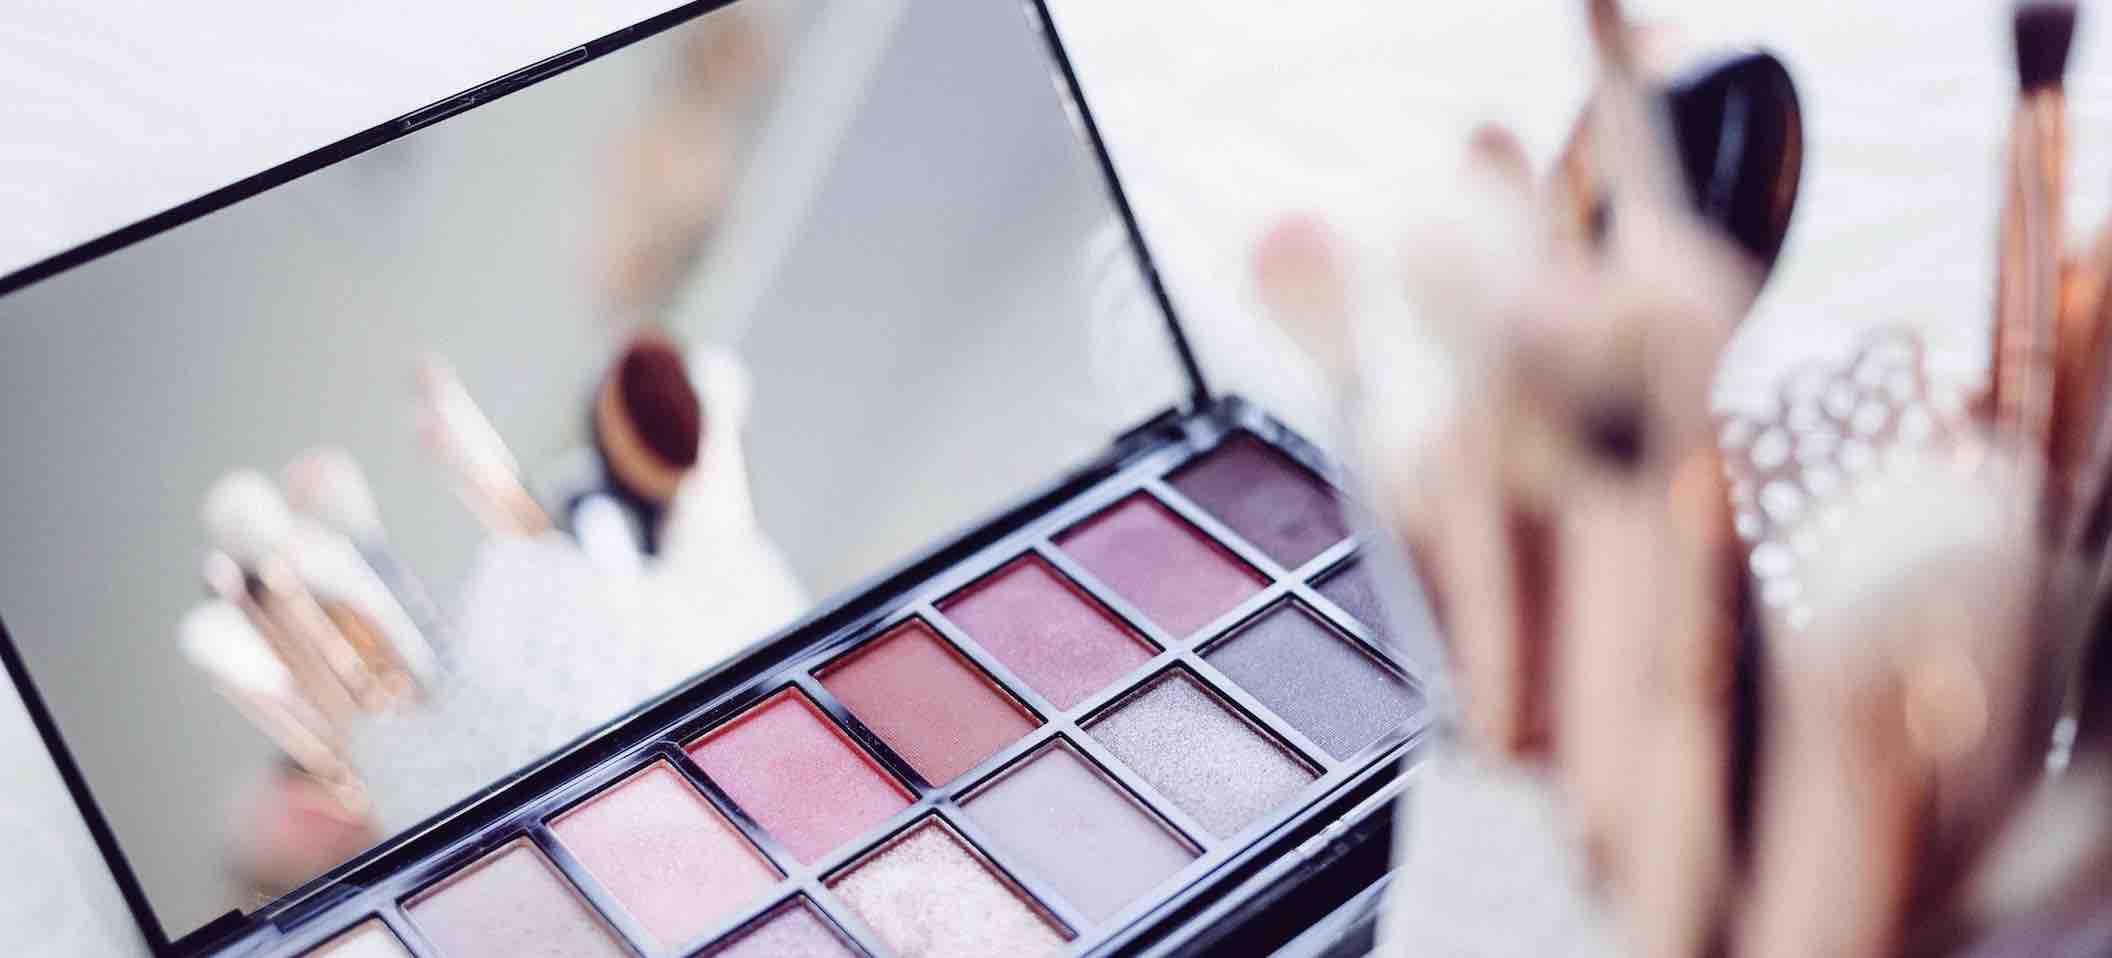 créer_marque_maquillage.jpg